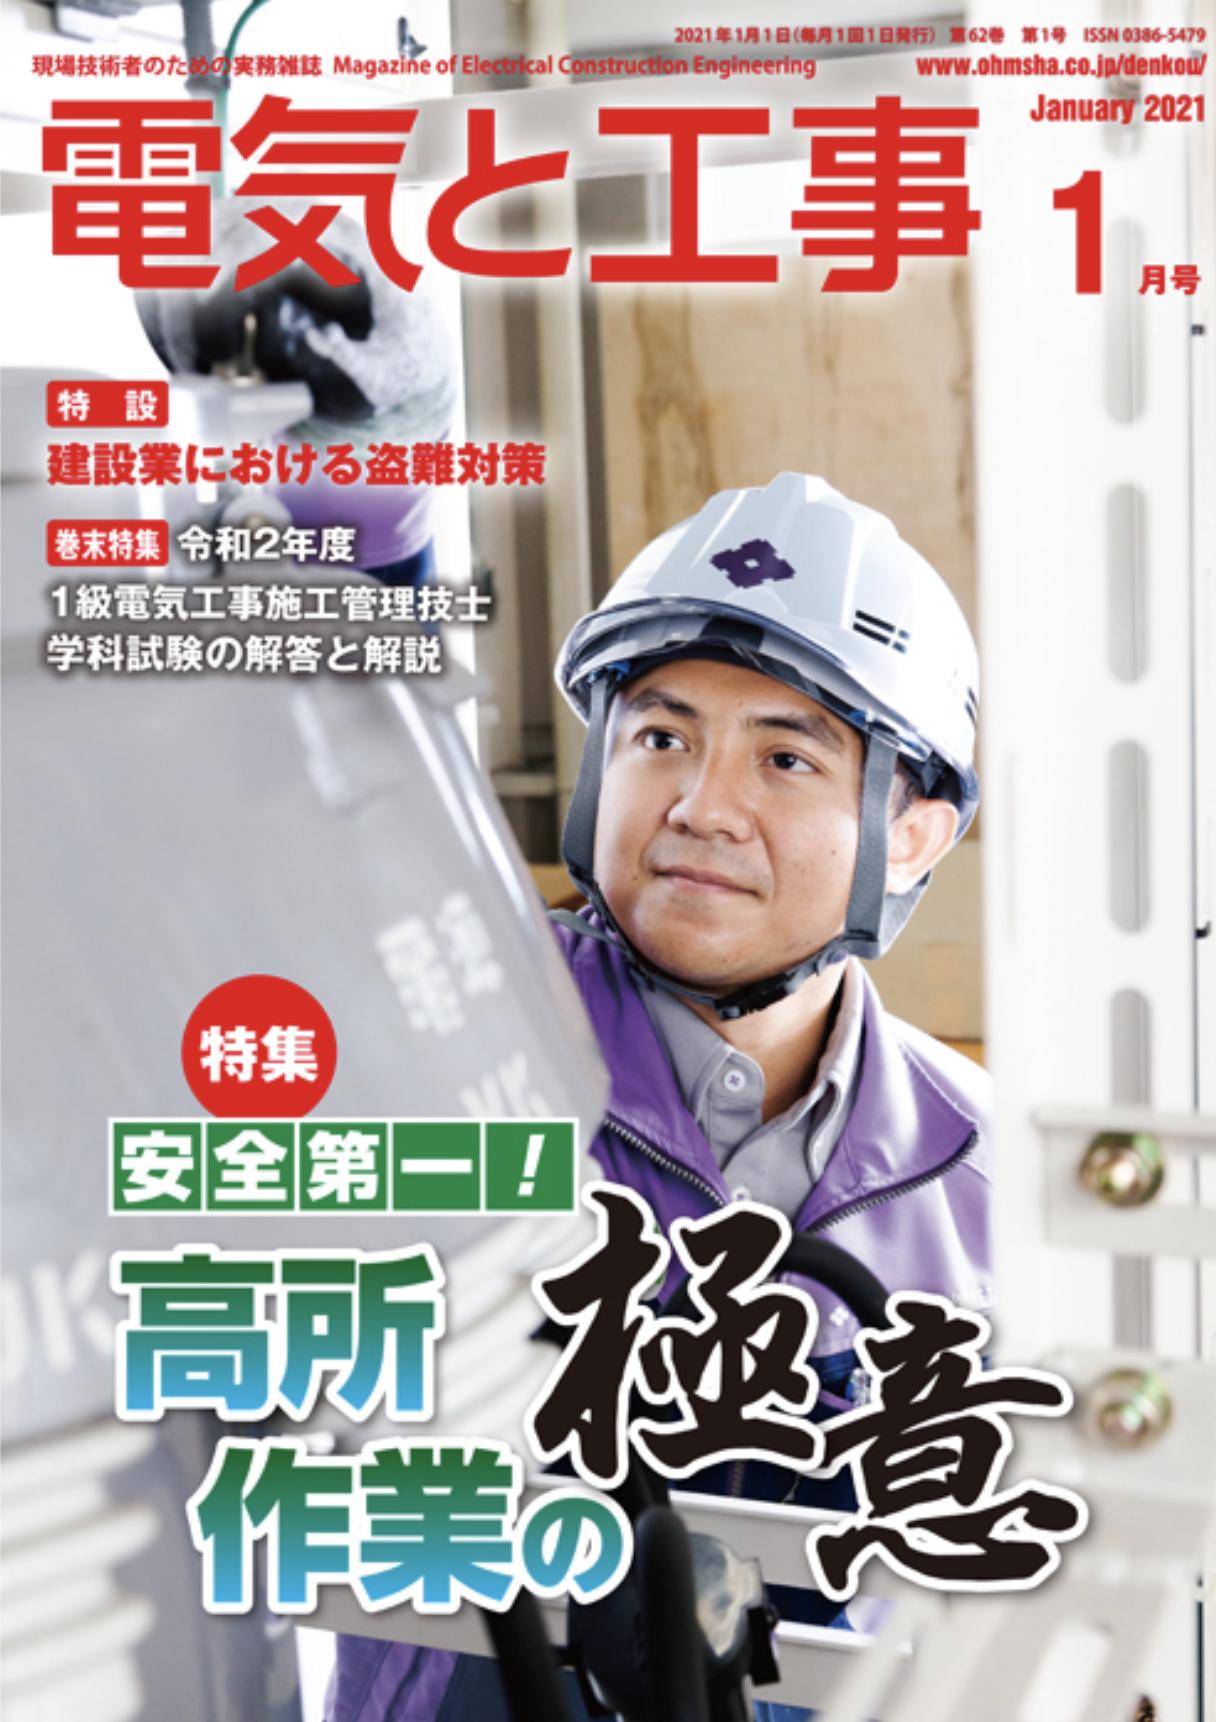 【新刊トピックス 2020年12月】電気と工事 2021年1月号 (第62巻第1号通巻808号)の画像